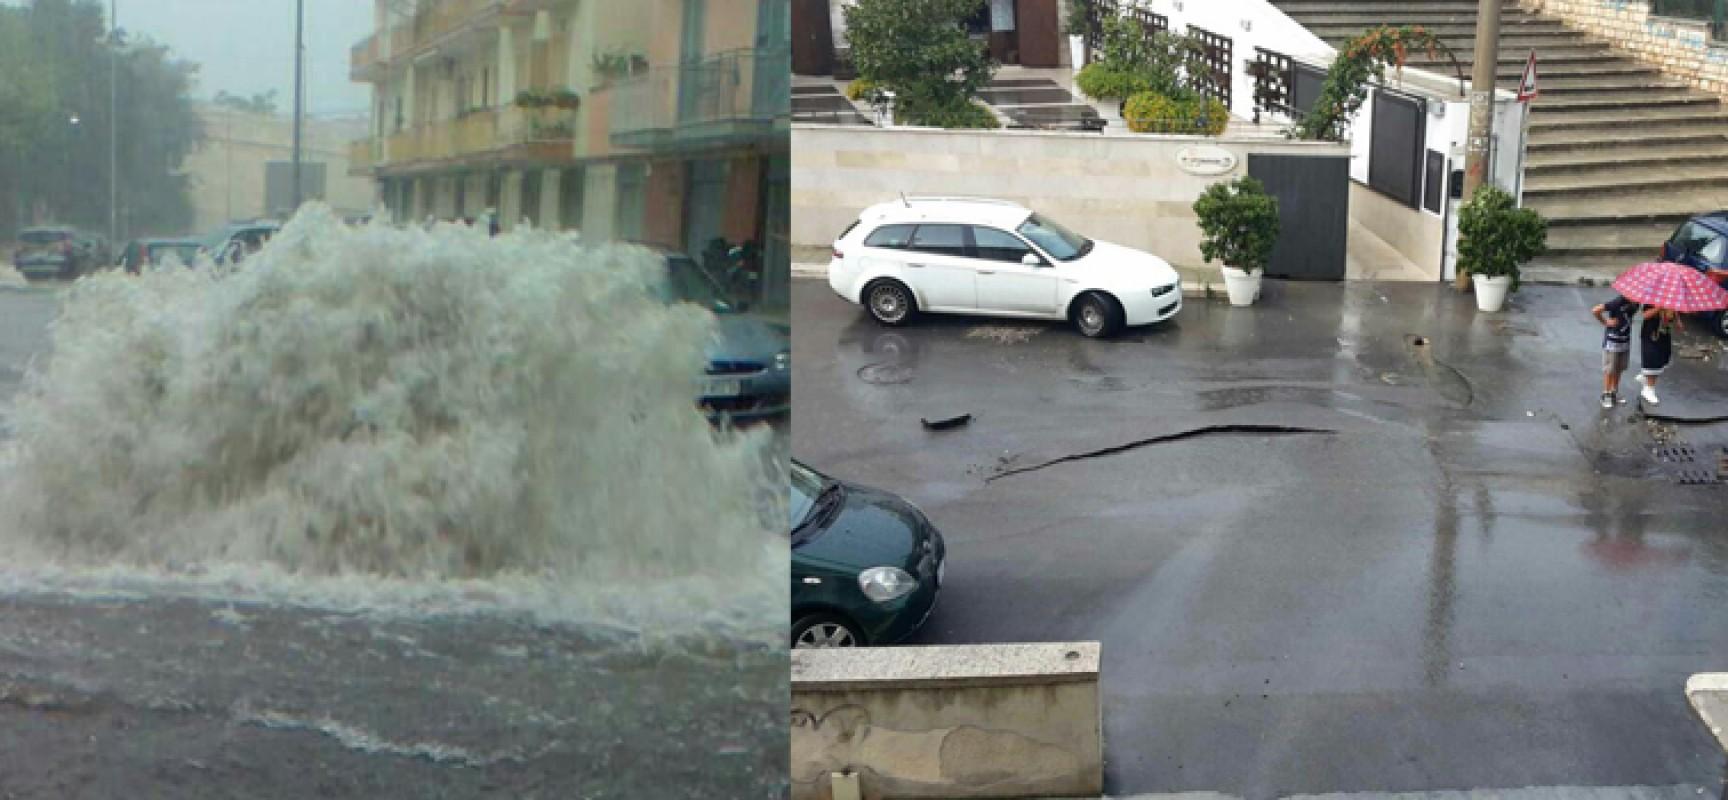 Via Porto, 50mila euro per riparare i danni causati dal maltempo dello scorso agosto